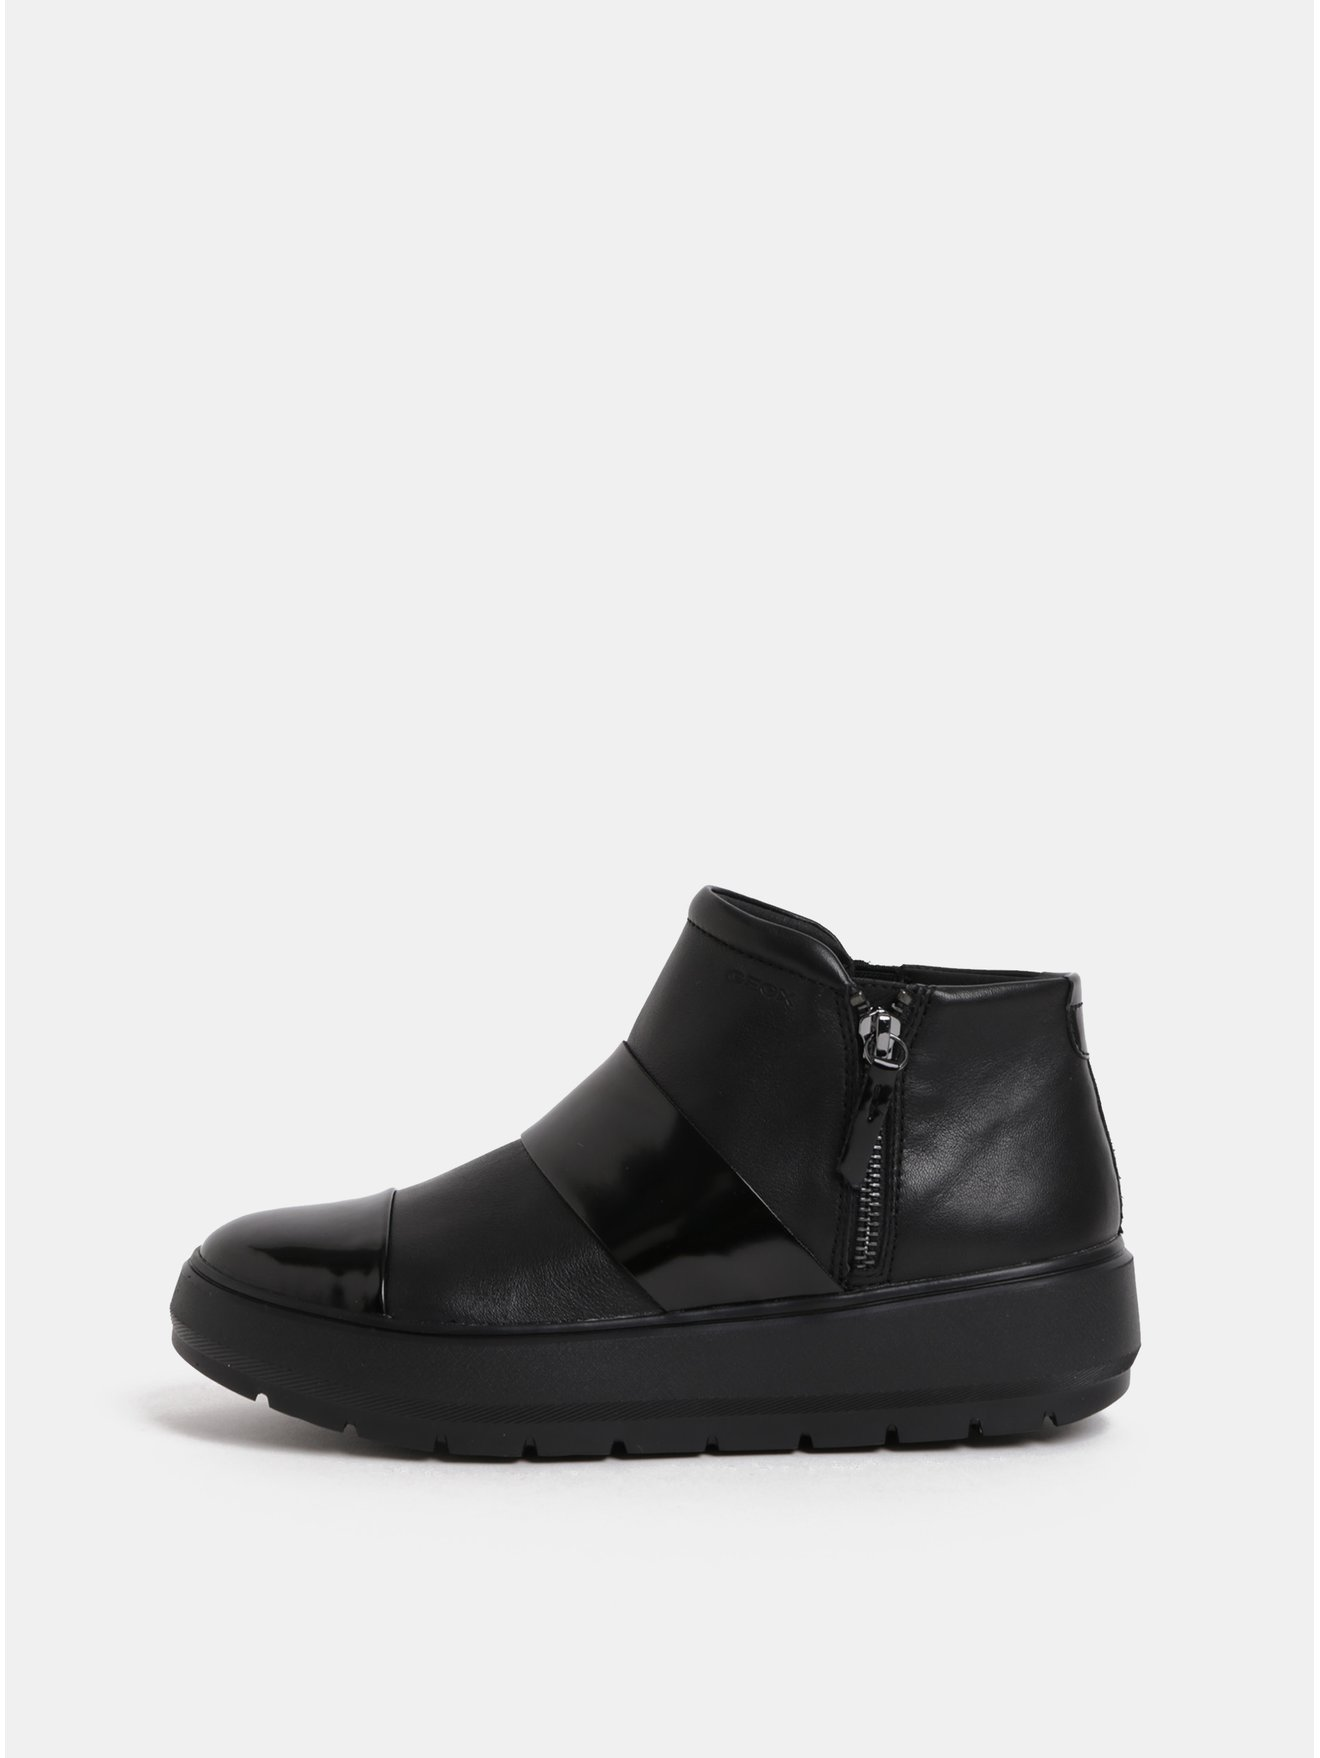 7ca4764b113d Čierne dámske kožené členkové topánky na platforme Geox Kaula